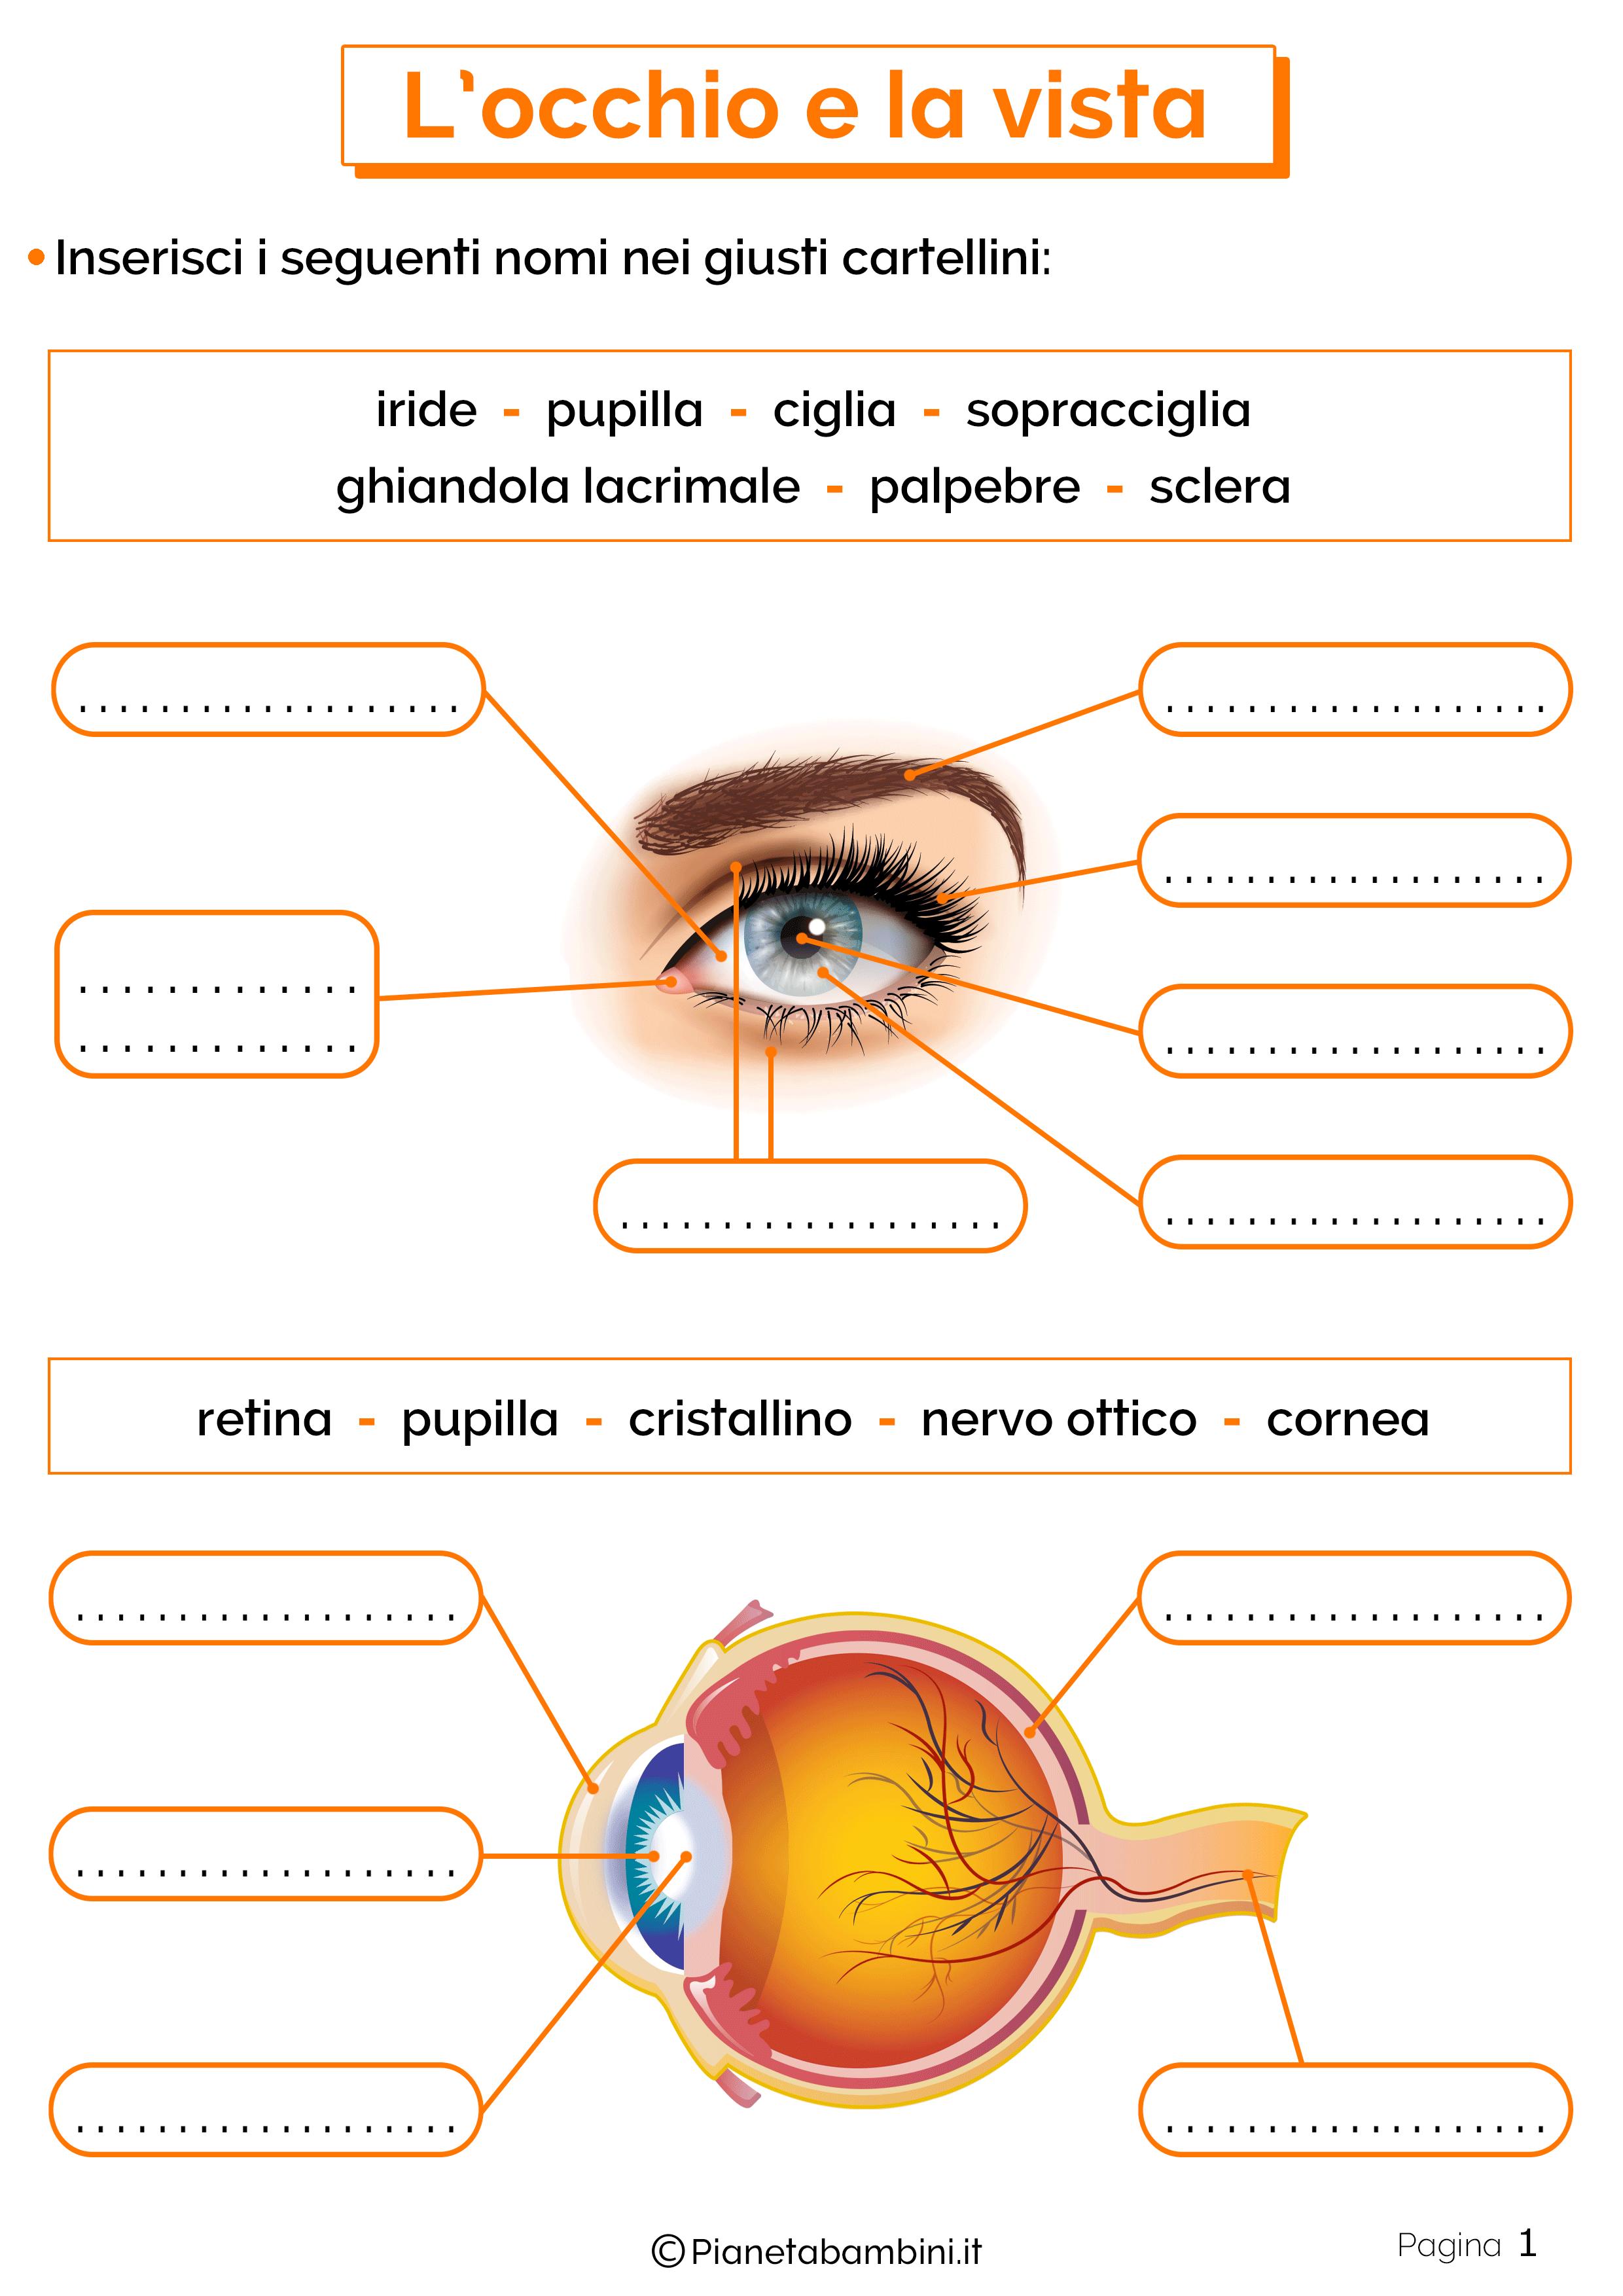 Esercizi su occhio e vista 1